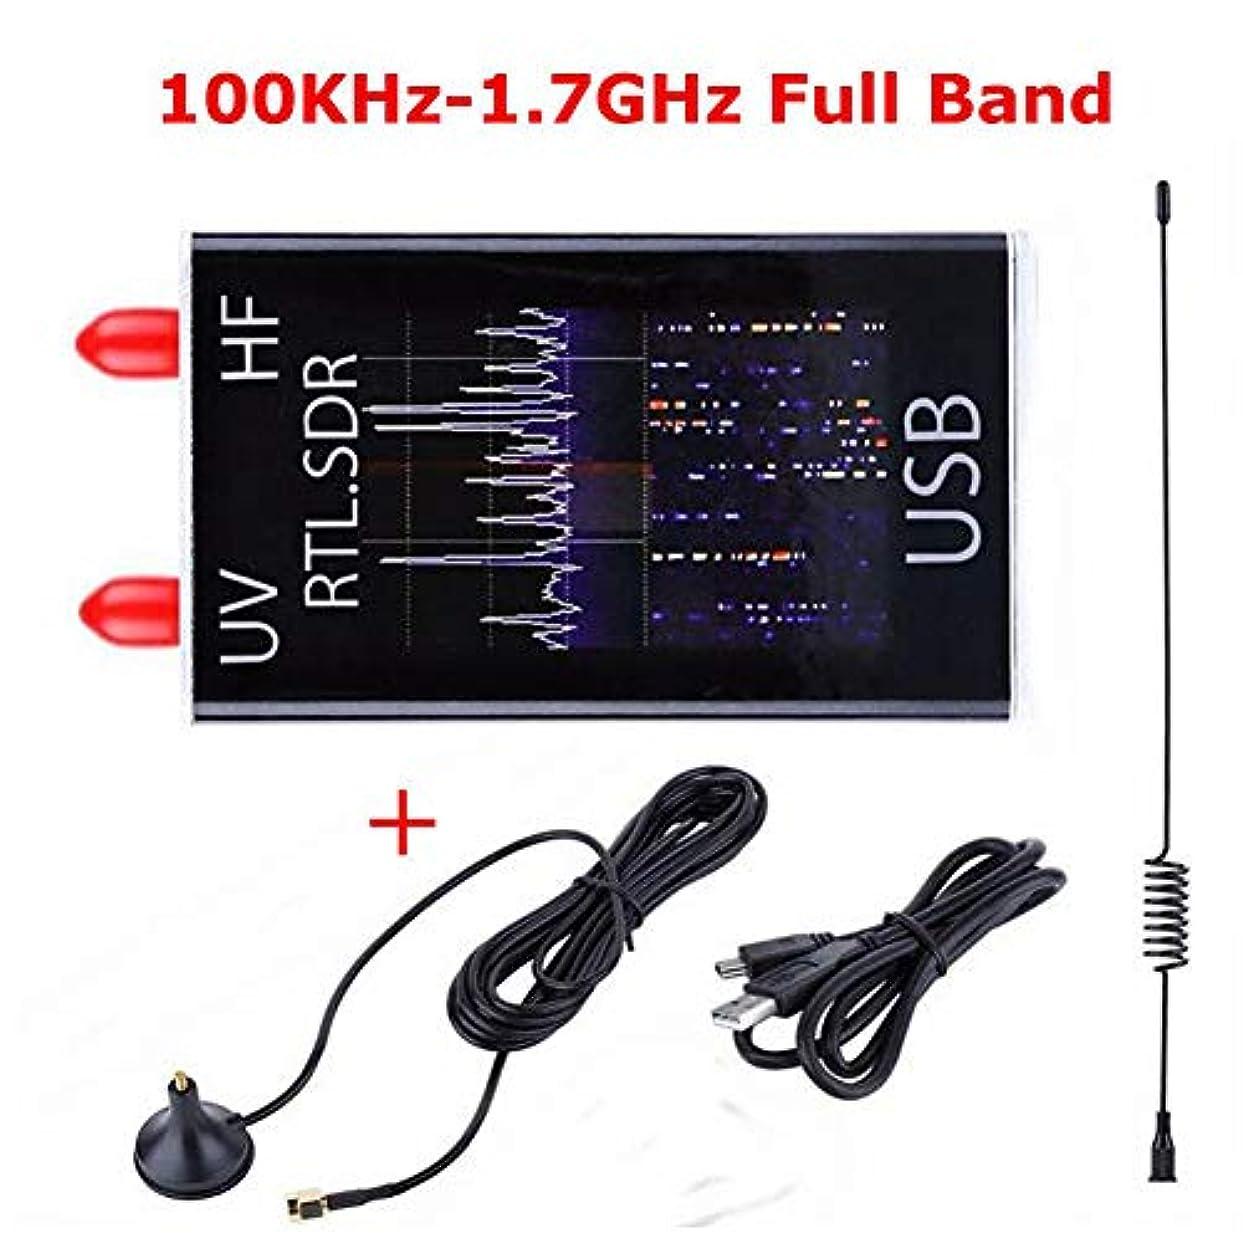 十分ではないピストンリハーサルACHICOO 100KHz?1.7GHzフルバンドUV HF RTL-SDR USBチューナーレシーバ/ R820T + 8232ハムラジオ